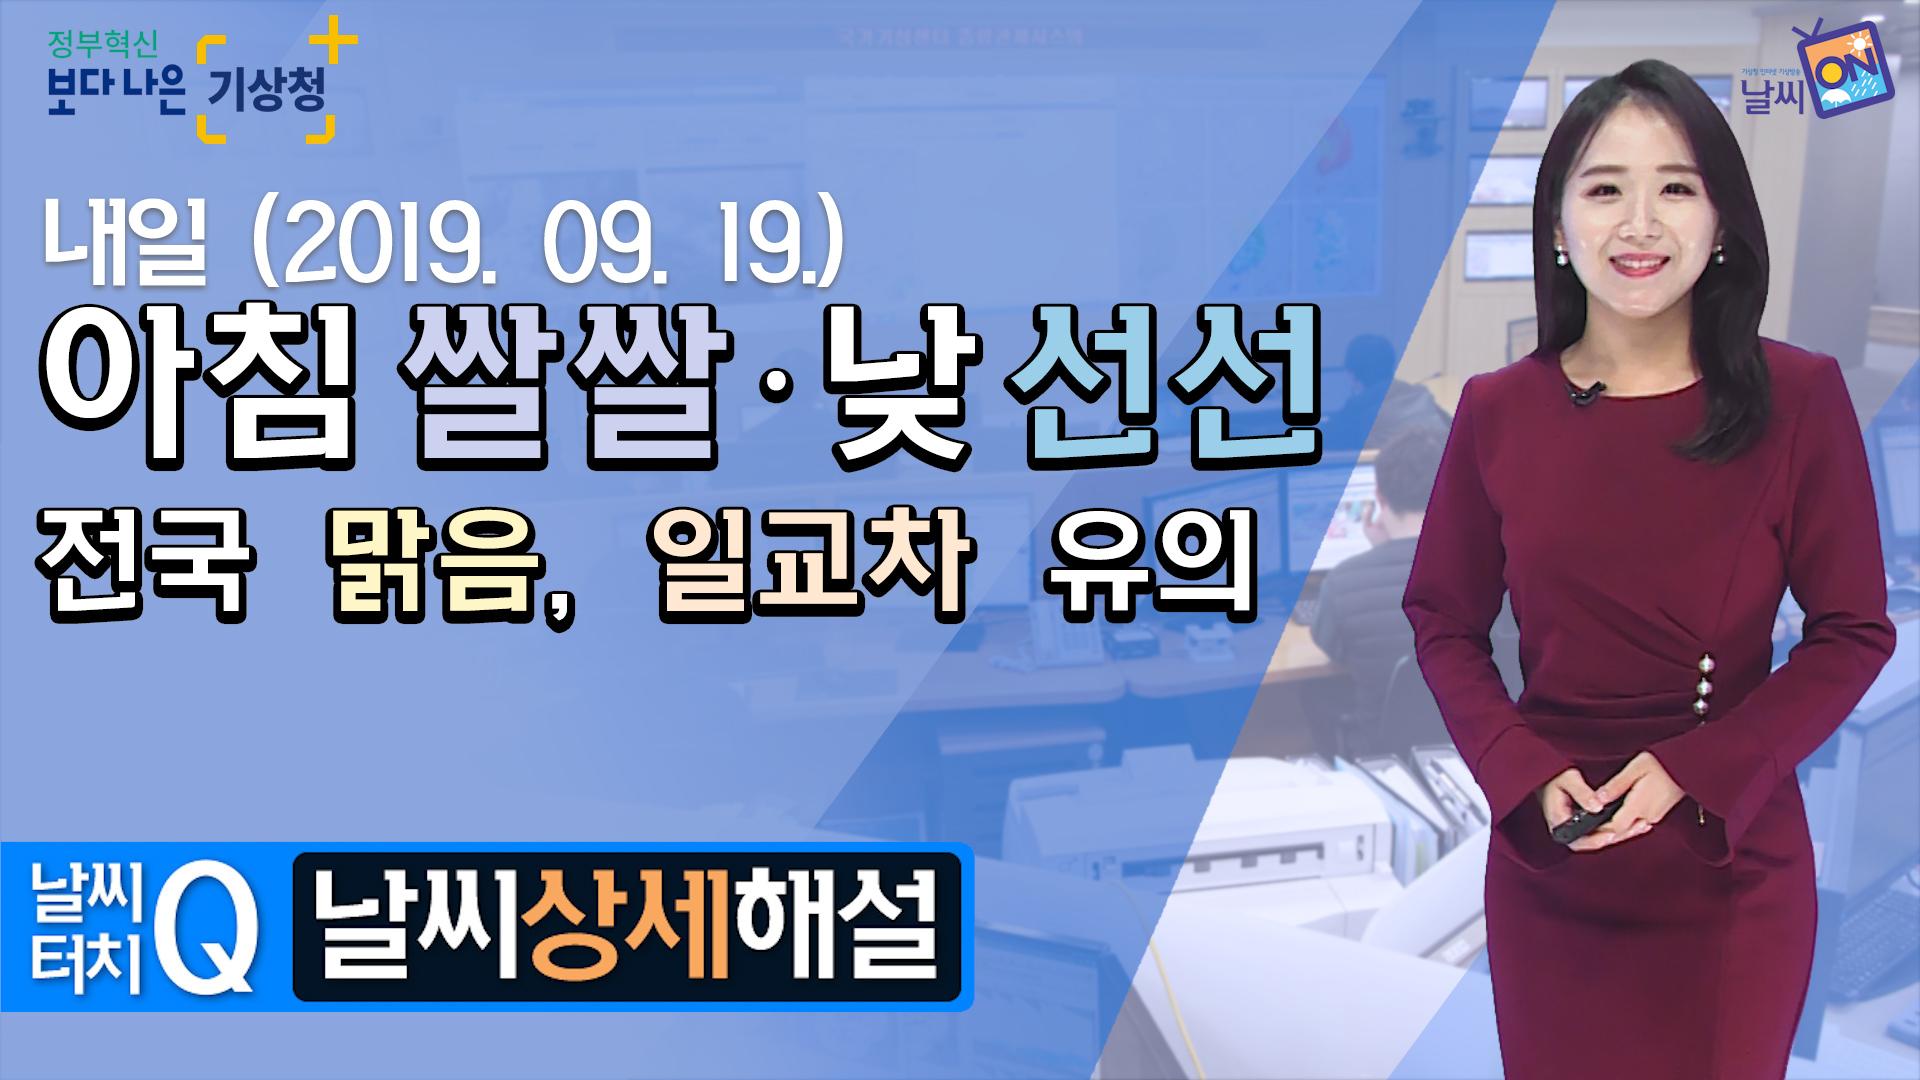 [19시] 9월 19일(목) 아침 쌀쌀, 낮 선선, 전국 맑음, 일교차 유의